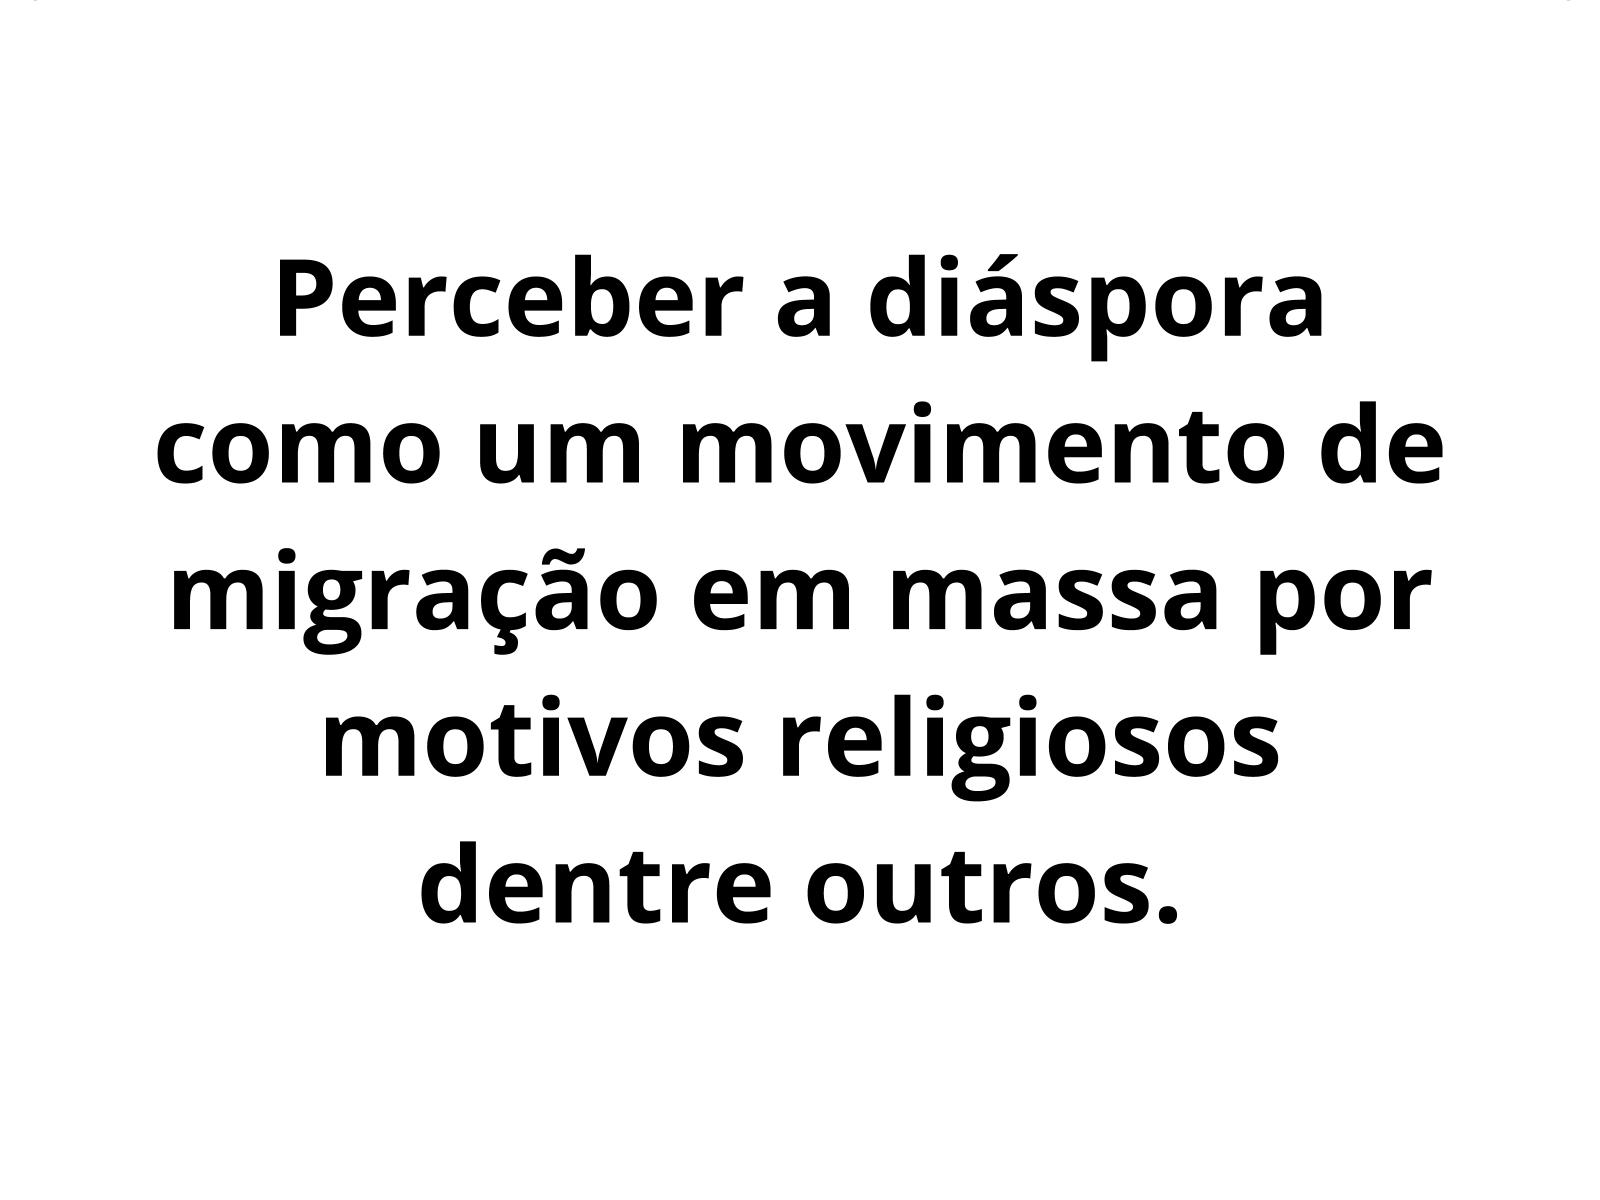 Diásporas e intolerância religiosa